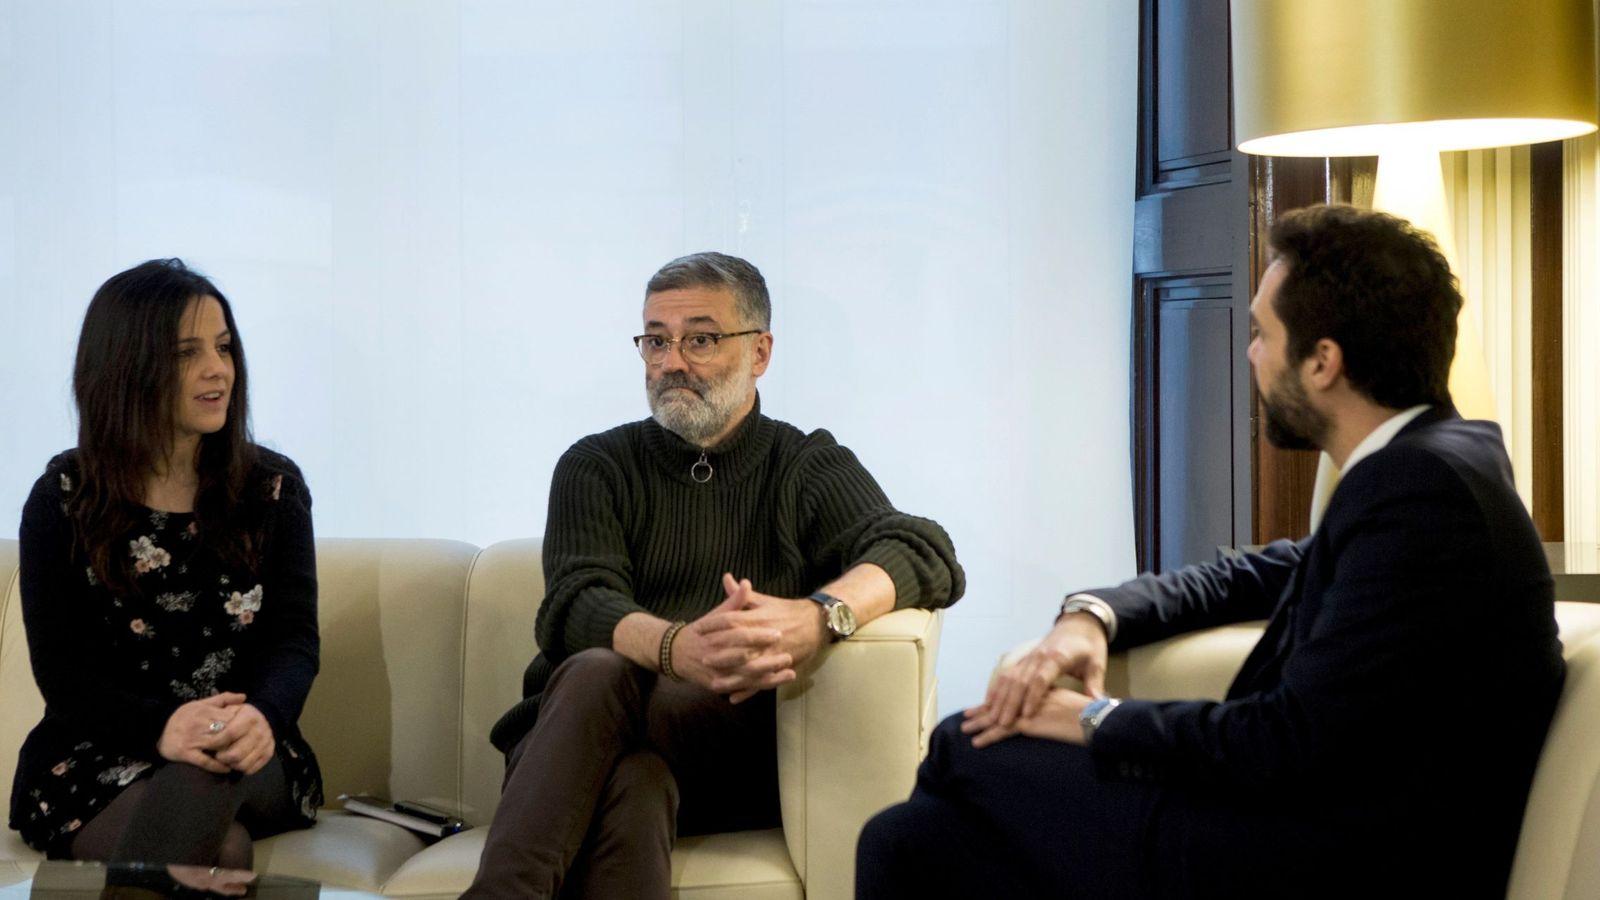 Foto: El presidente del Parlament, Roger Torrent, junto a los diputados de la CUP, Carles Rieray Maria Sirvent. (Efe)